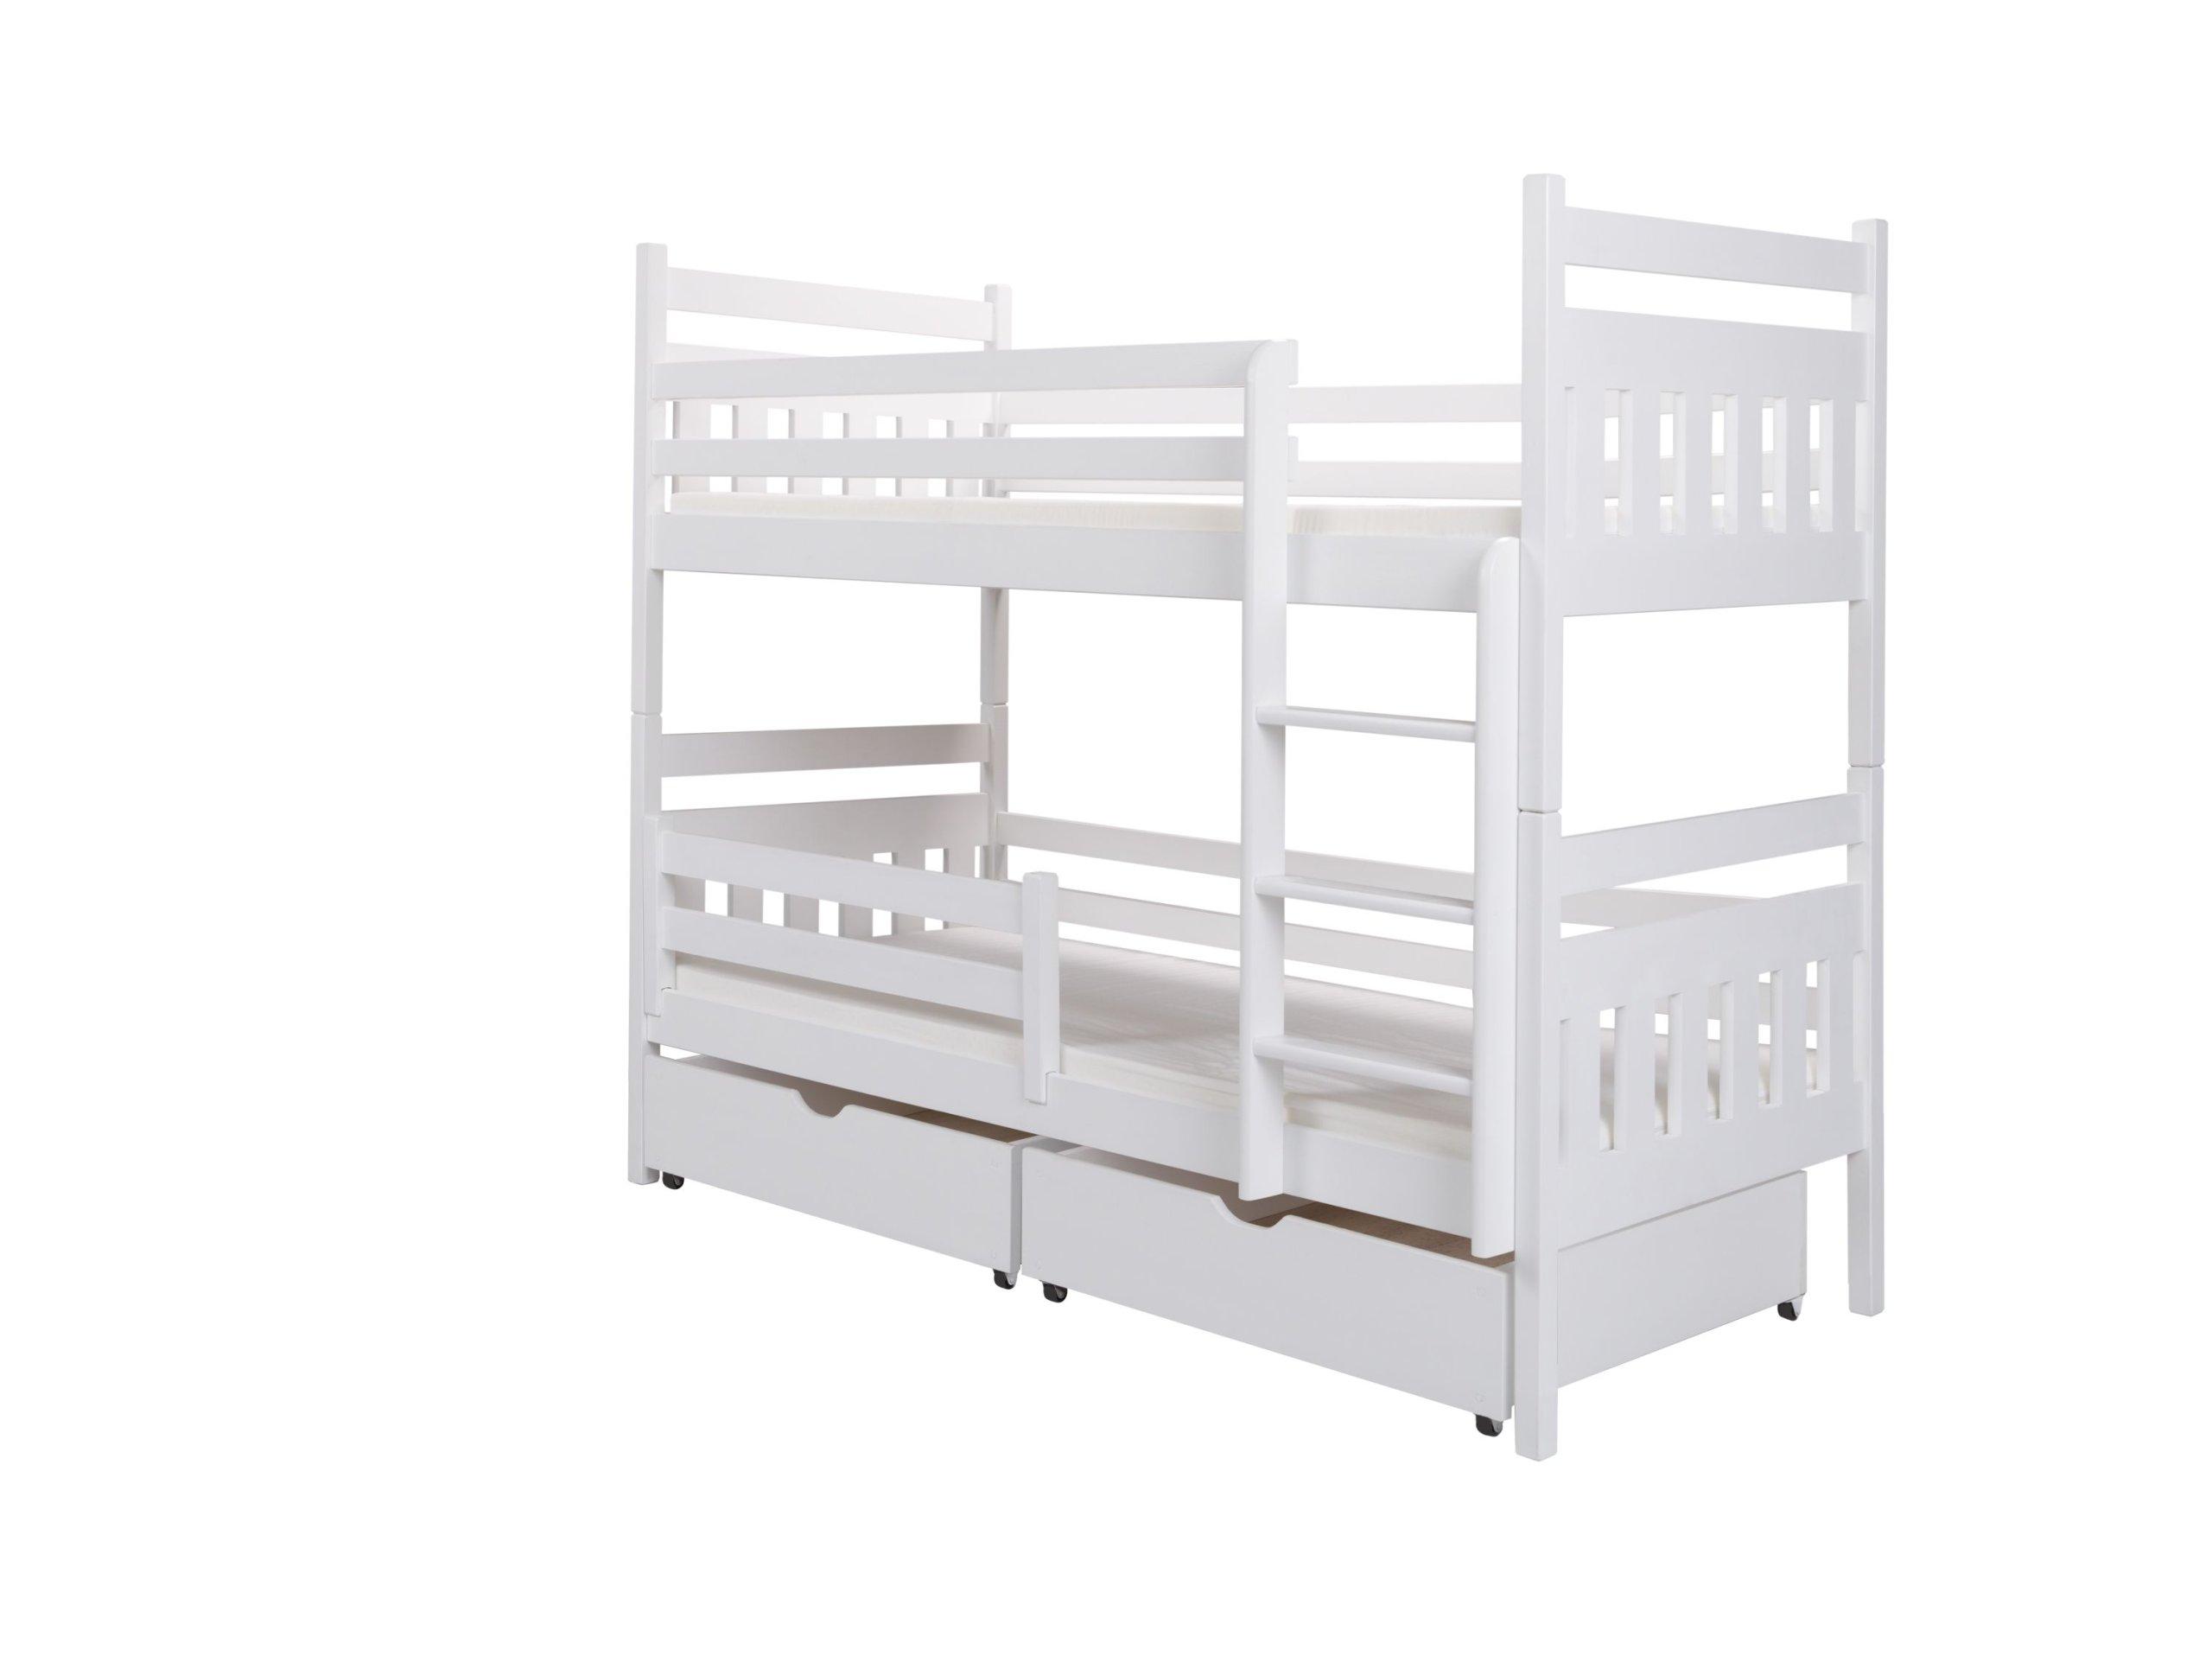 łóżko Piętrowe 2 Osobowe Filip 90x190 Materace